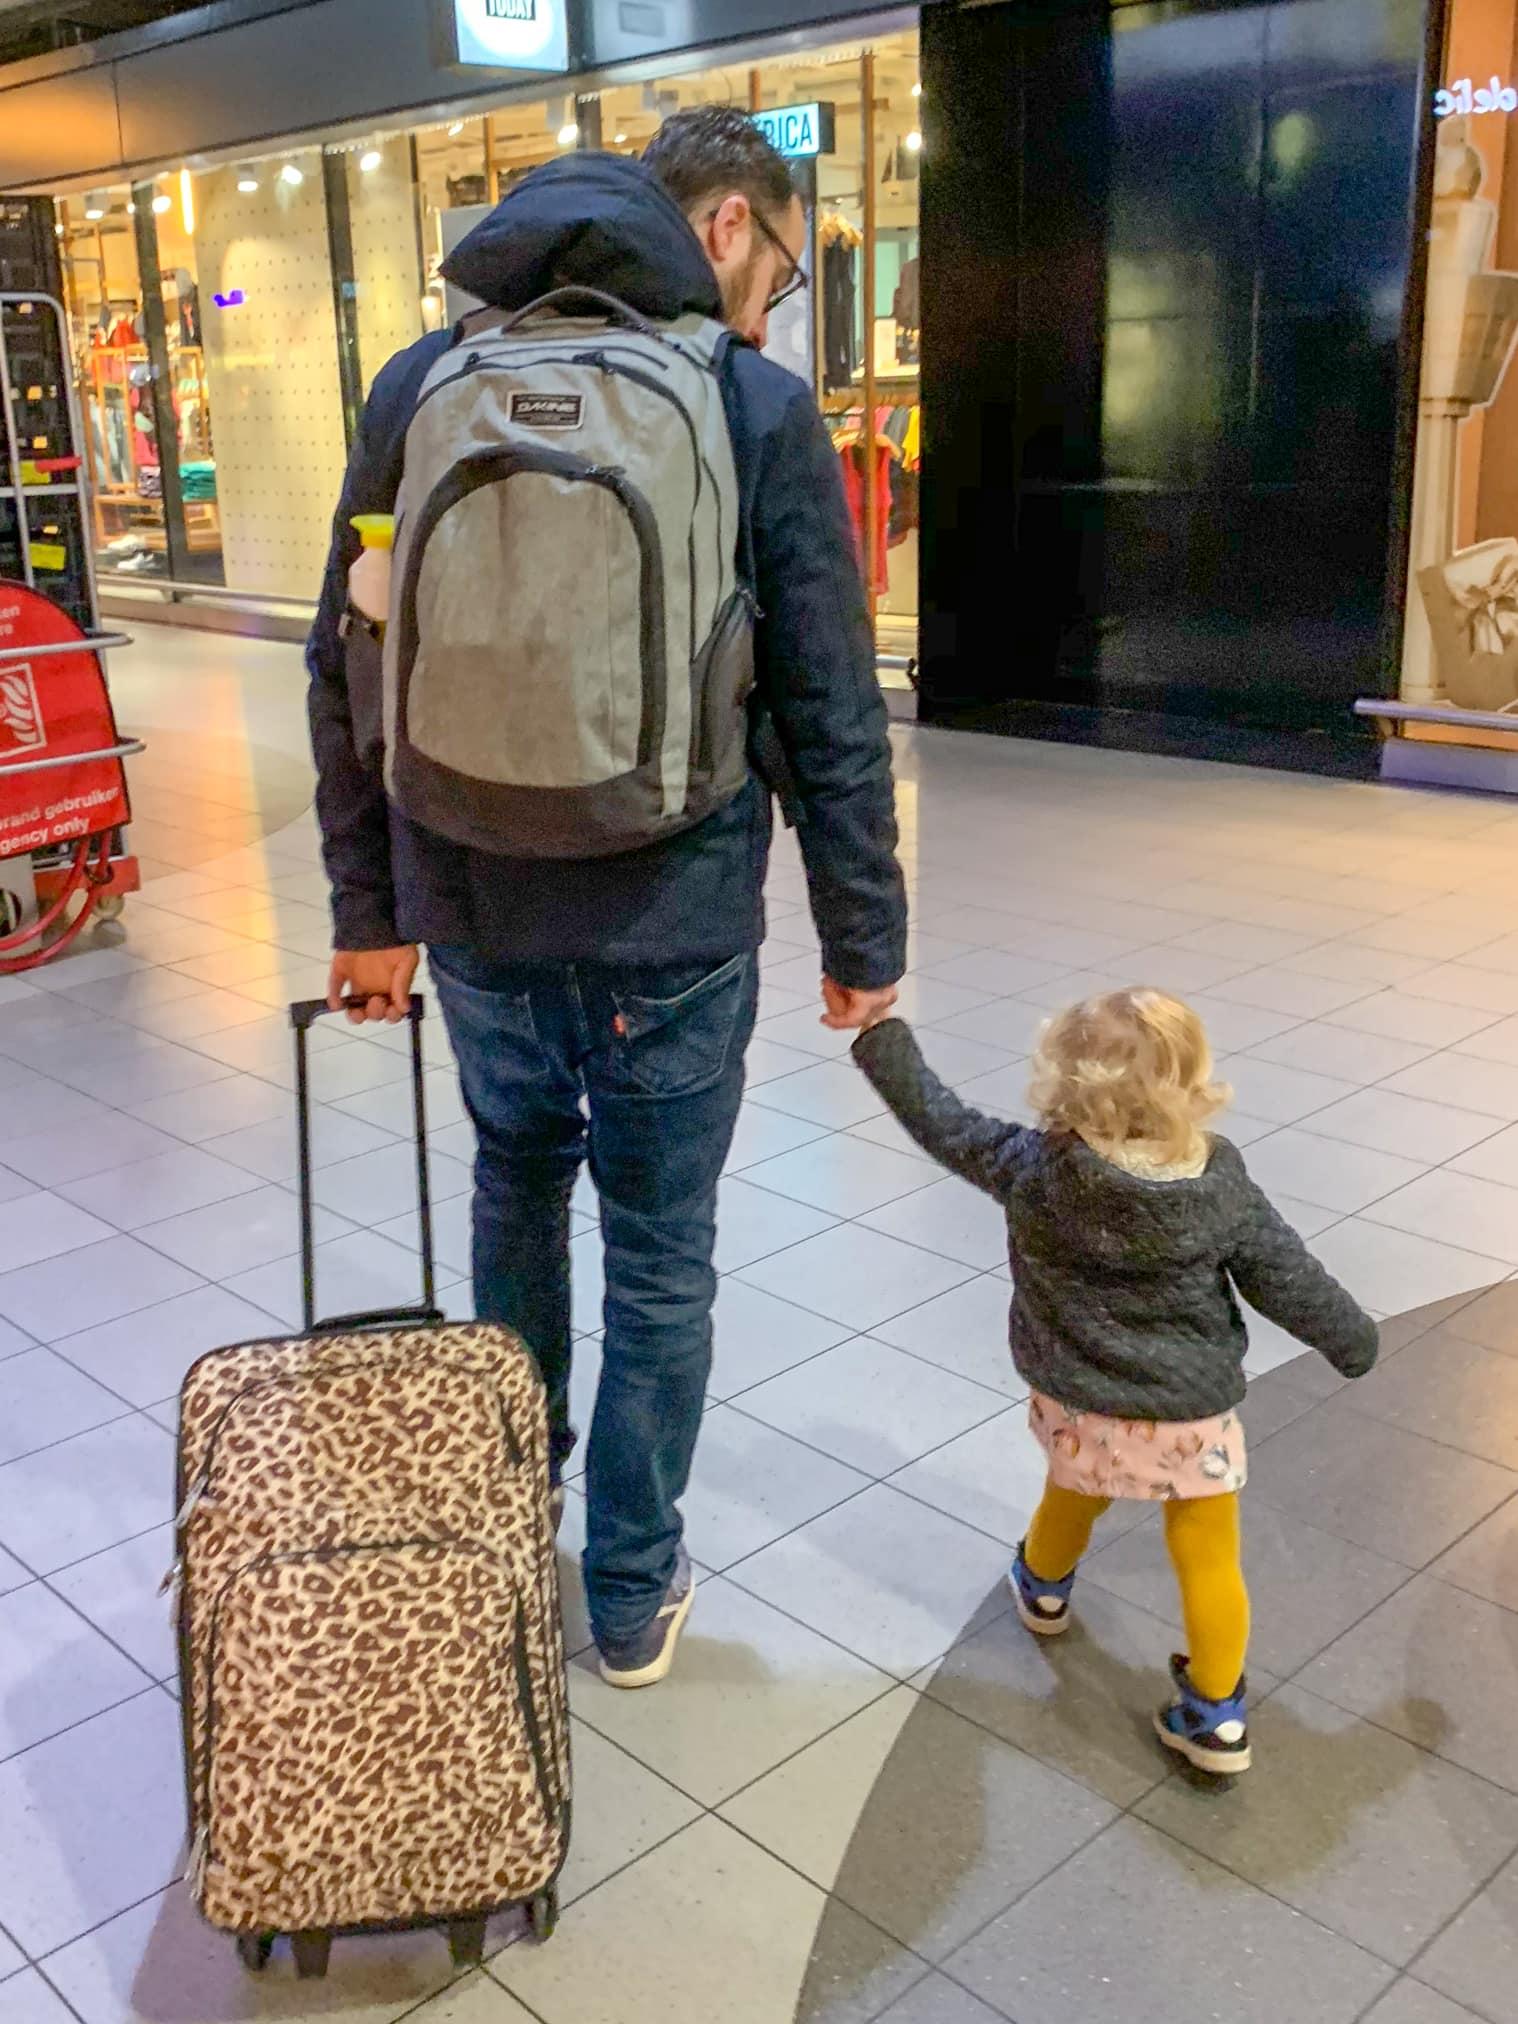 ver reizen met kinderen milieuvriendelijk